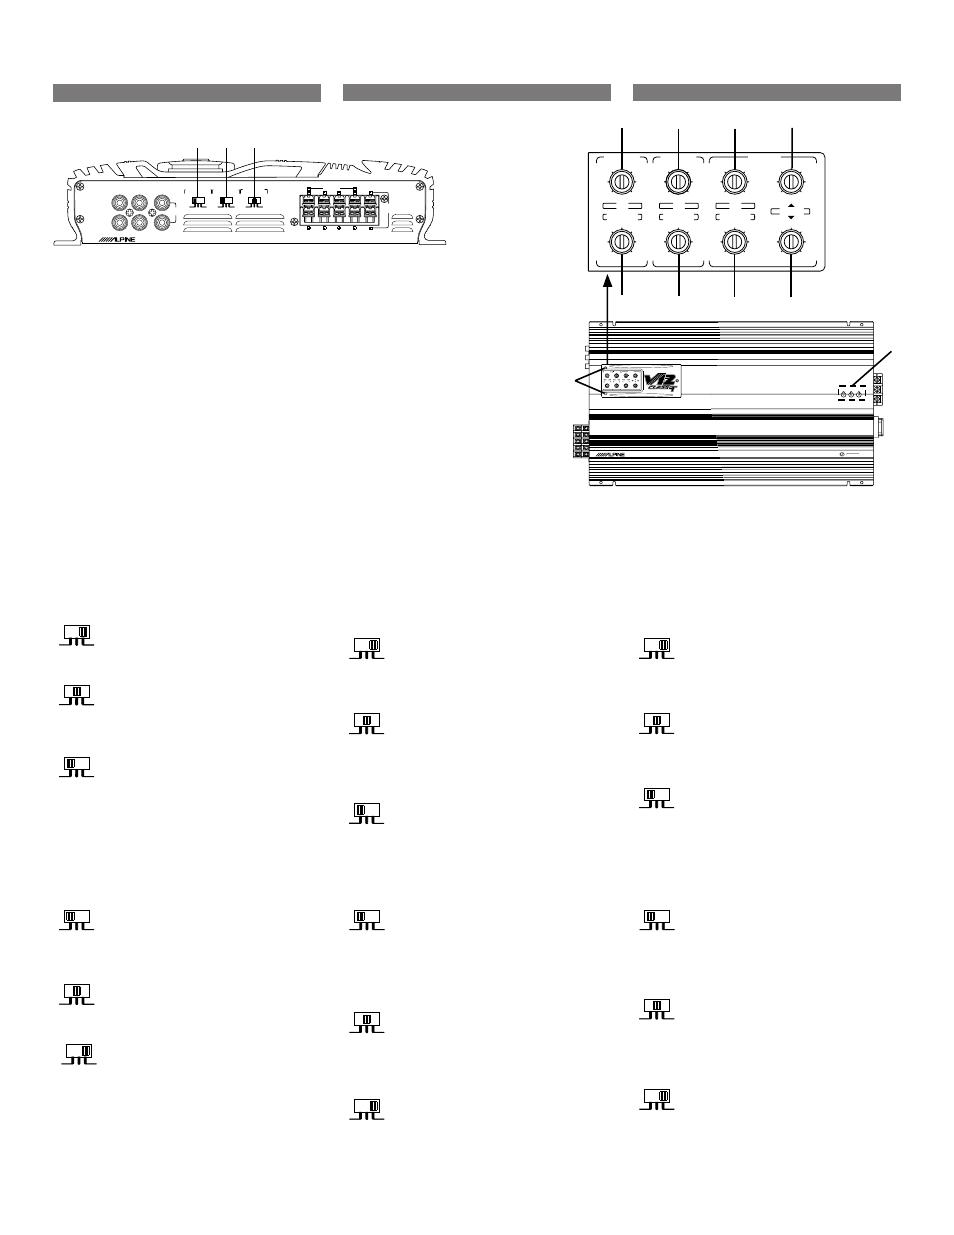 Switch settings, Reglages de commutateur, Ajustes del